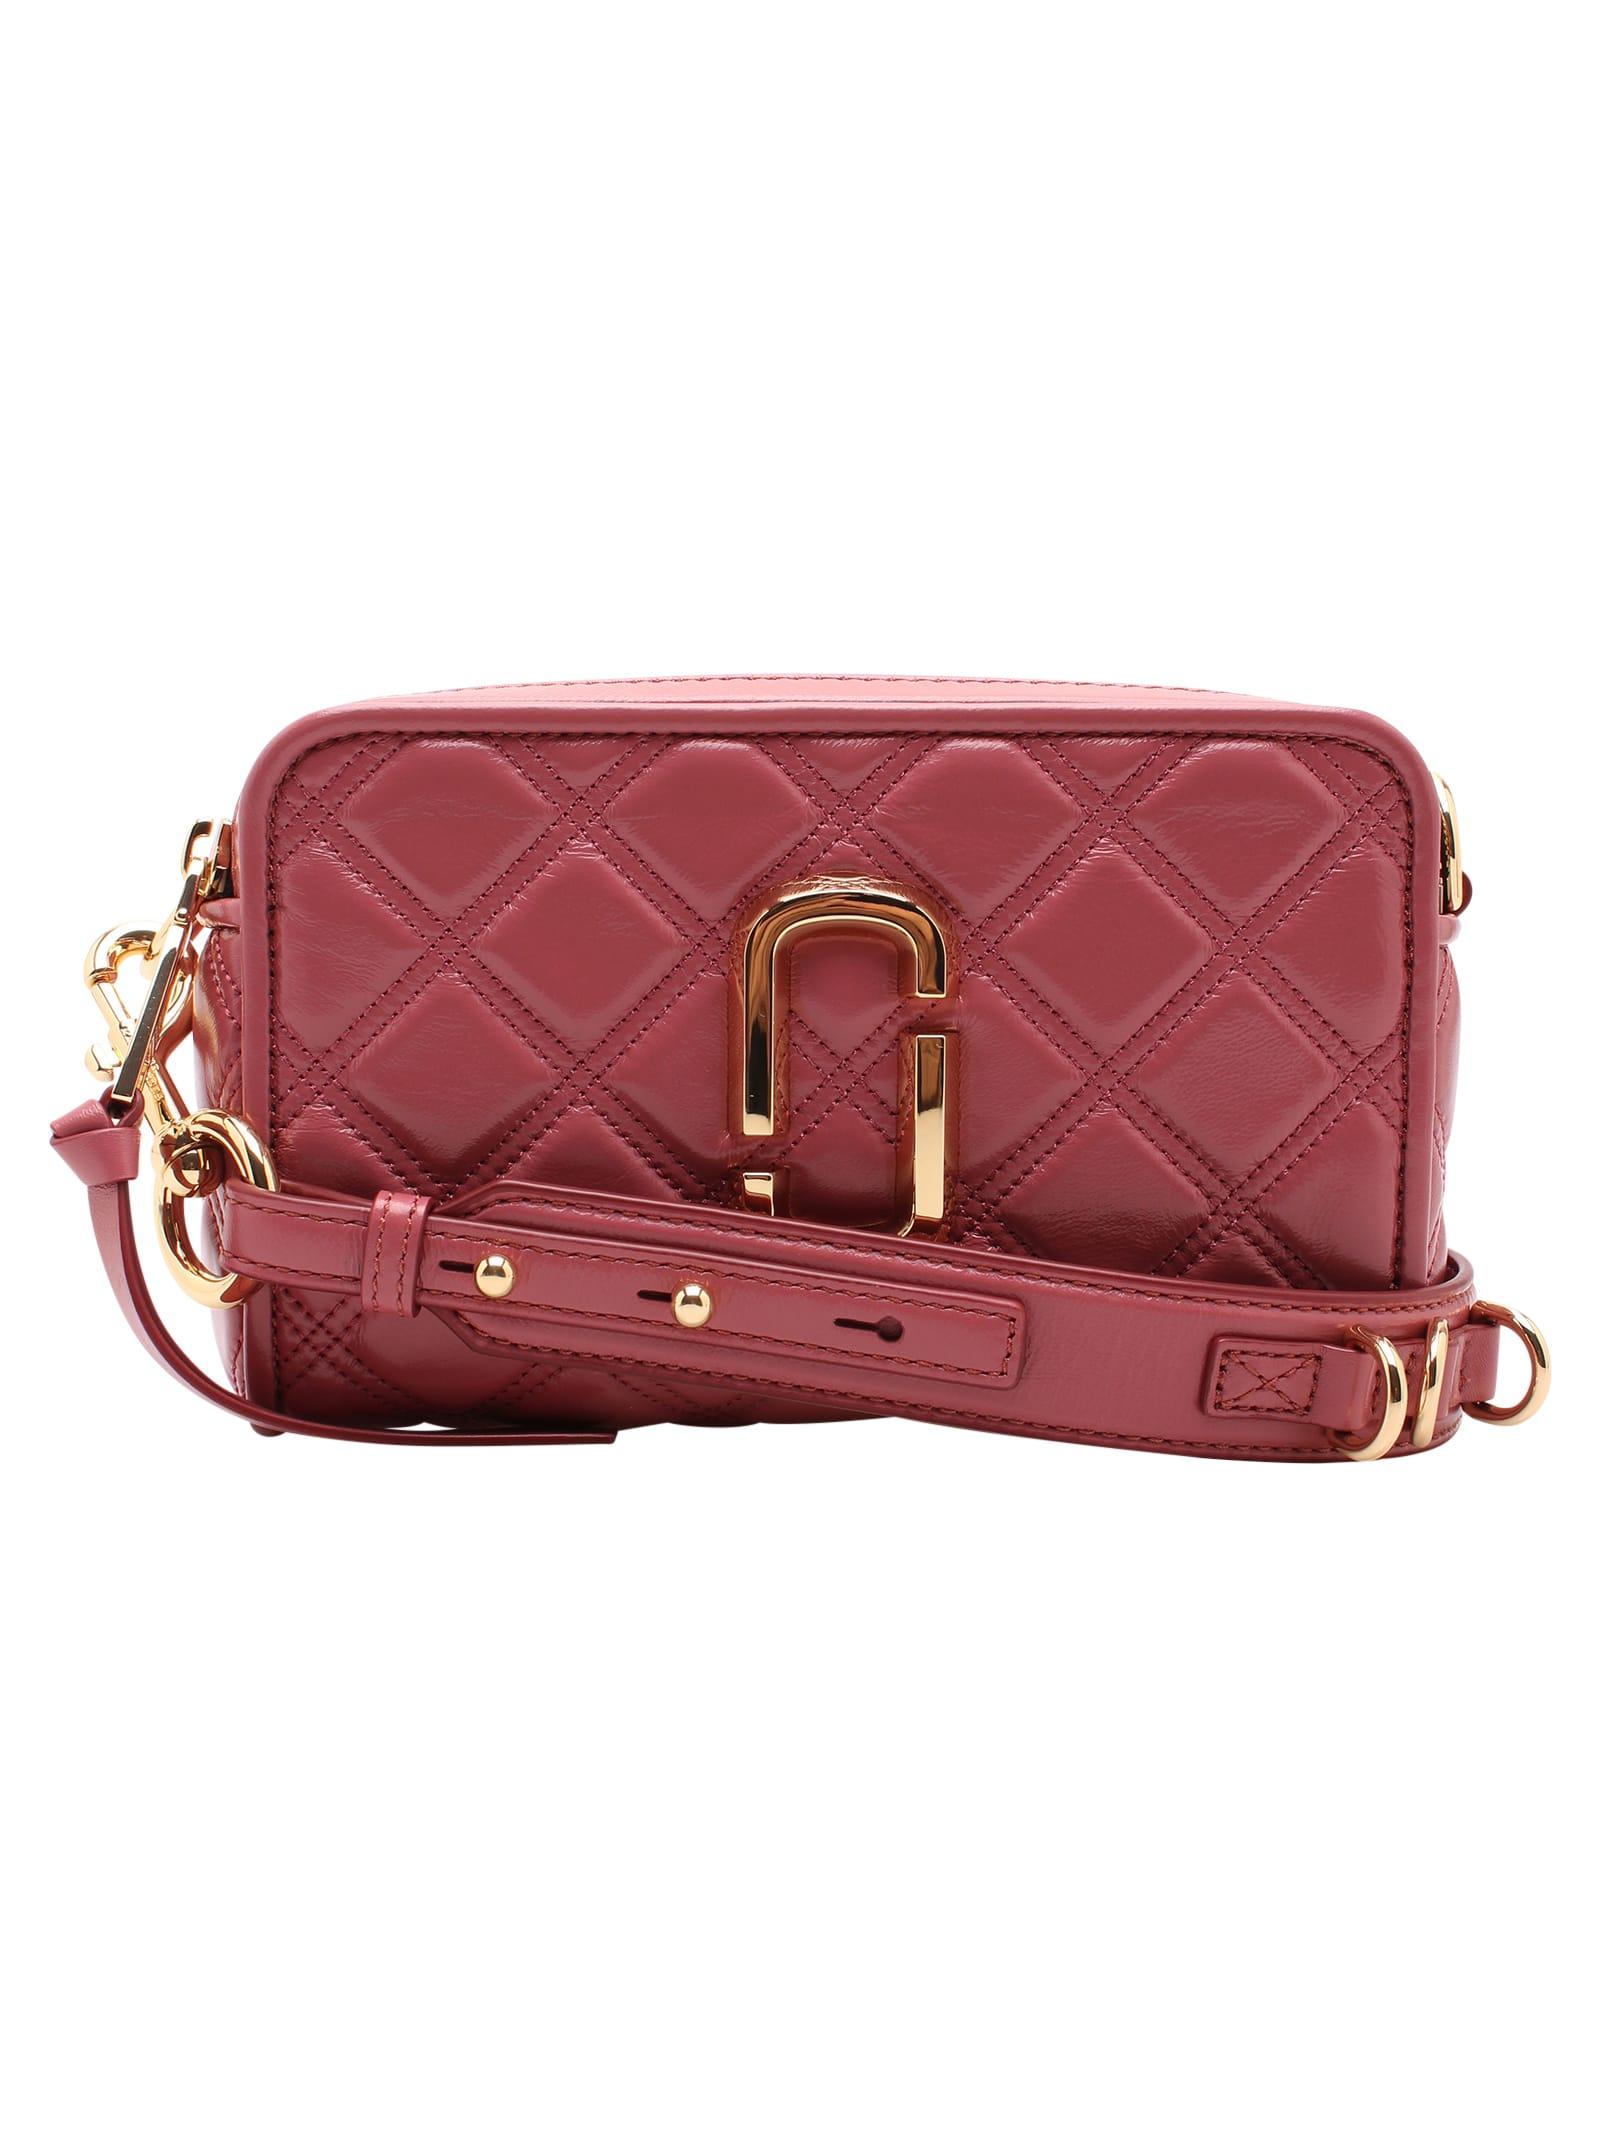 Marc Jacobs quilted Softshot Leather Shouder Bag